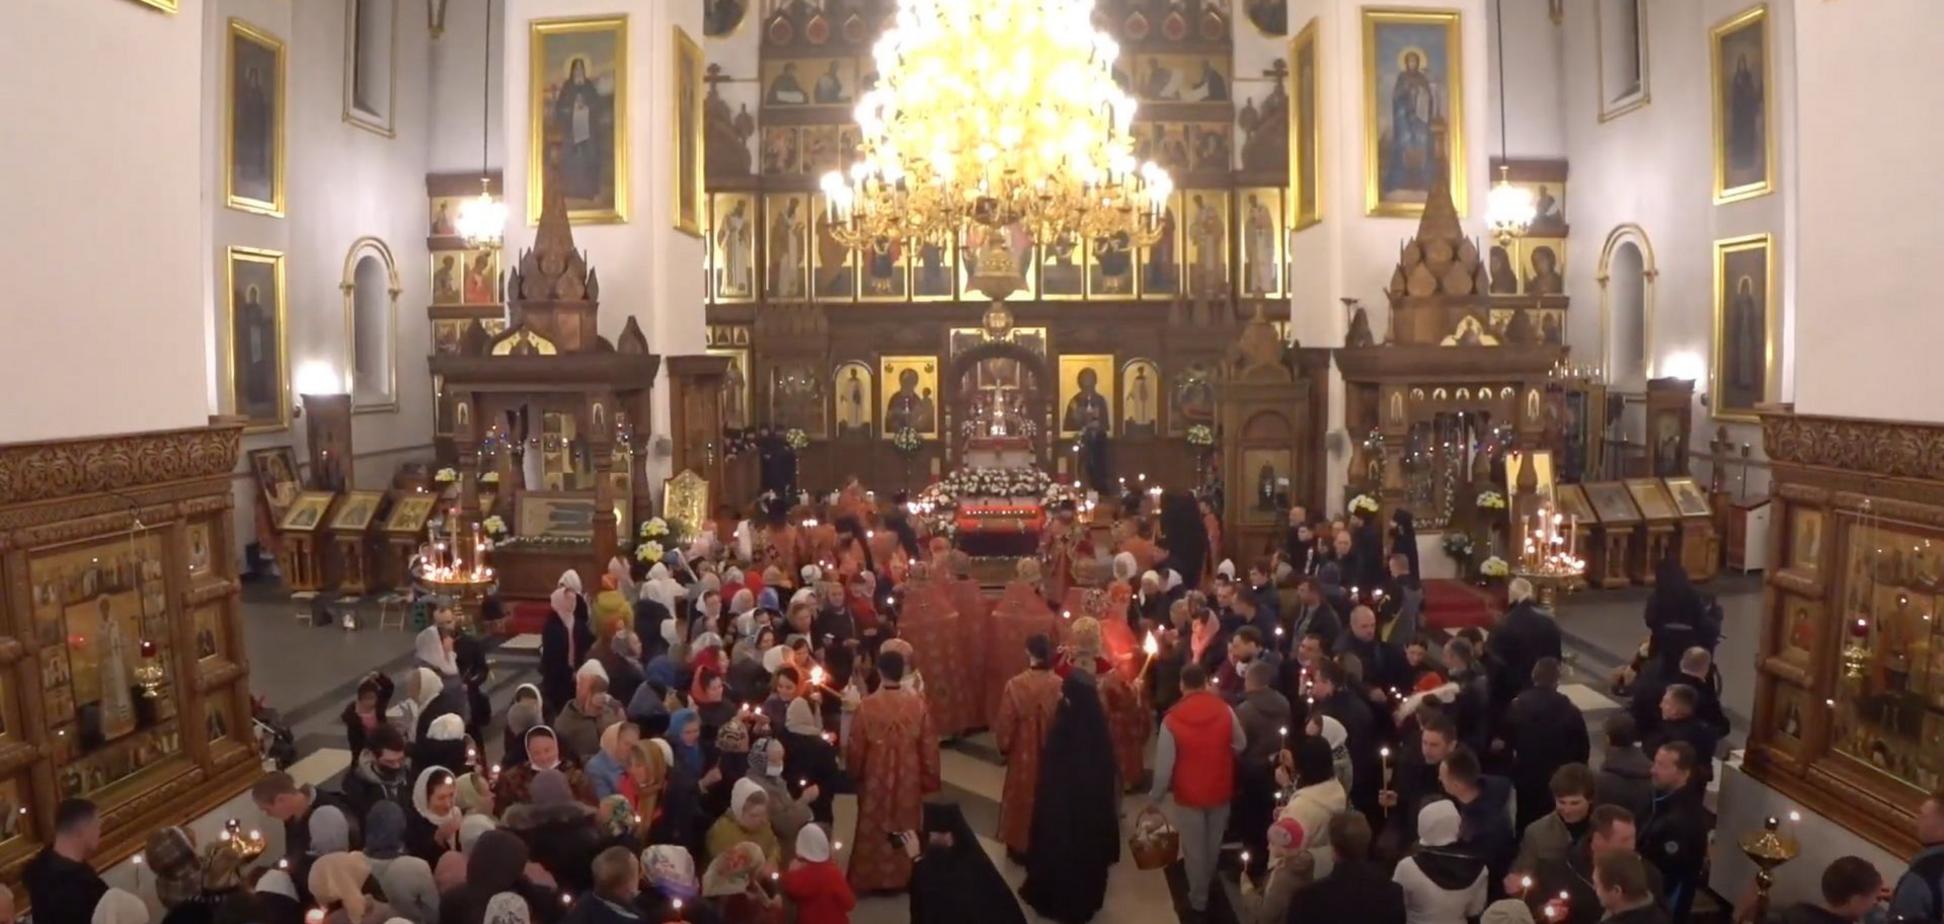 'Путин, введи войска?' В СБУ оценили 'пасхальный демарш' священников в разгар COVID-19